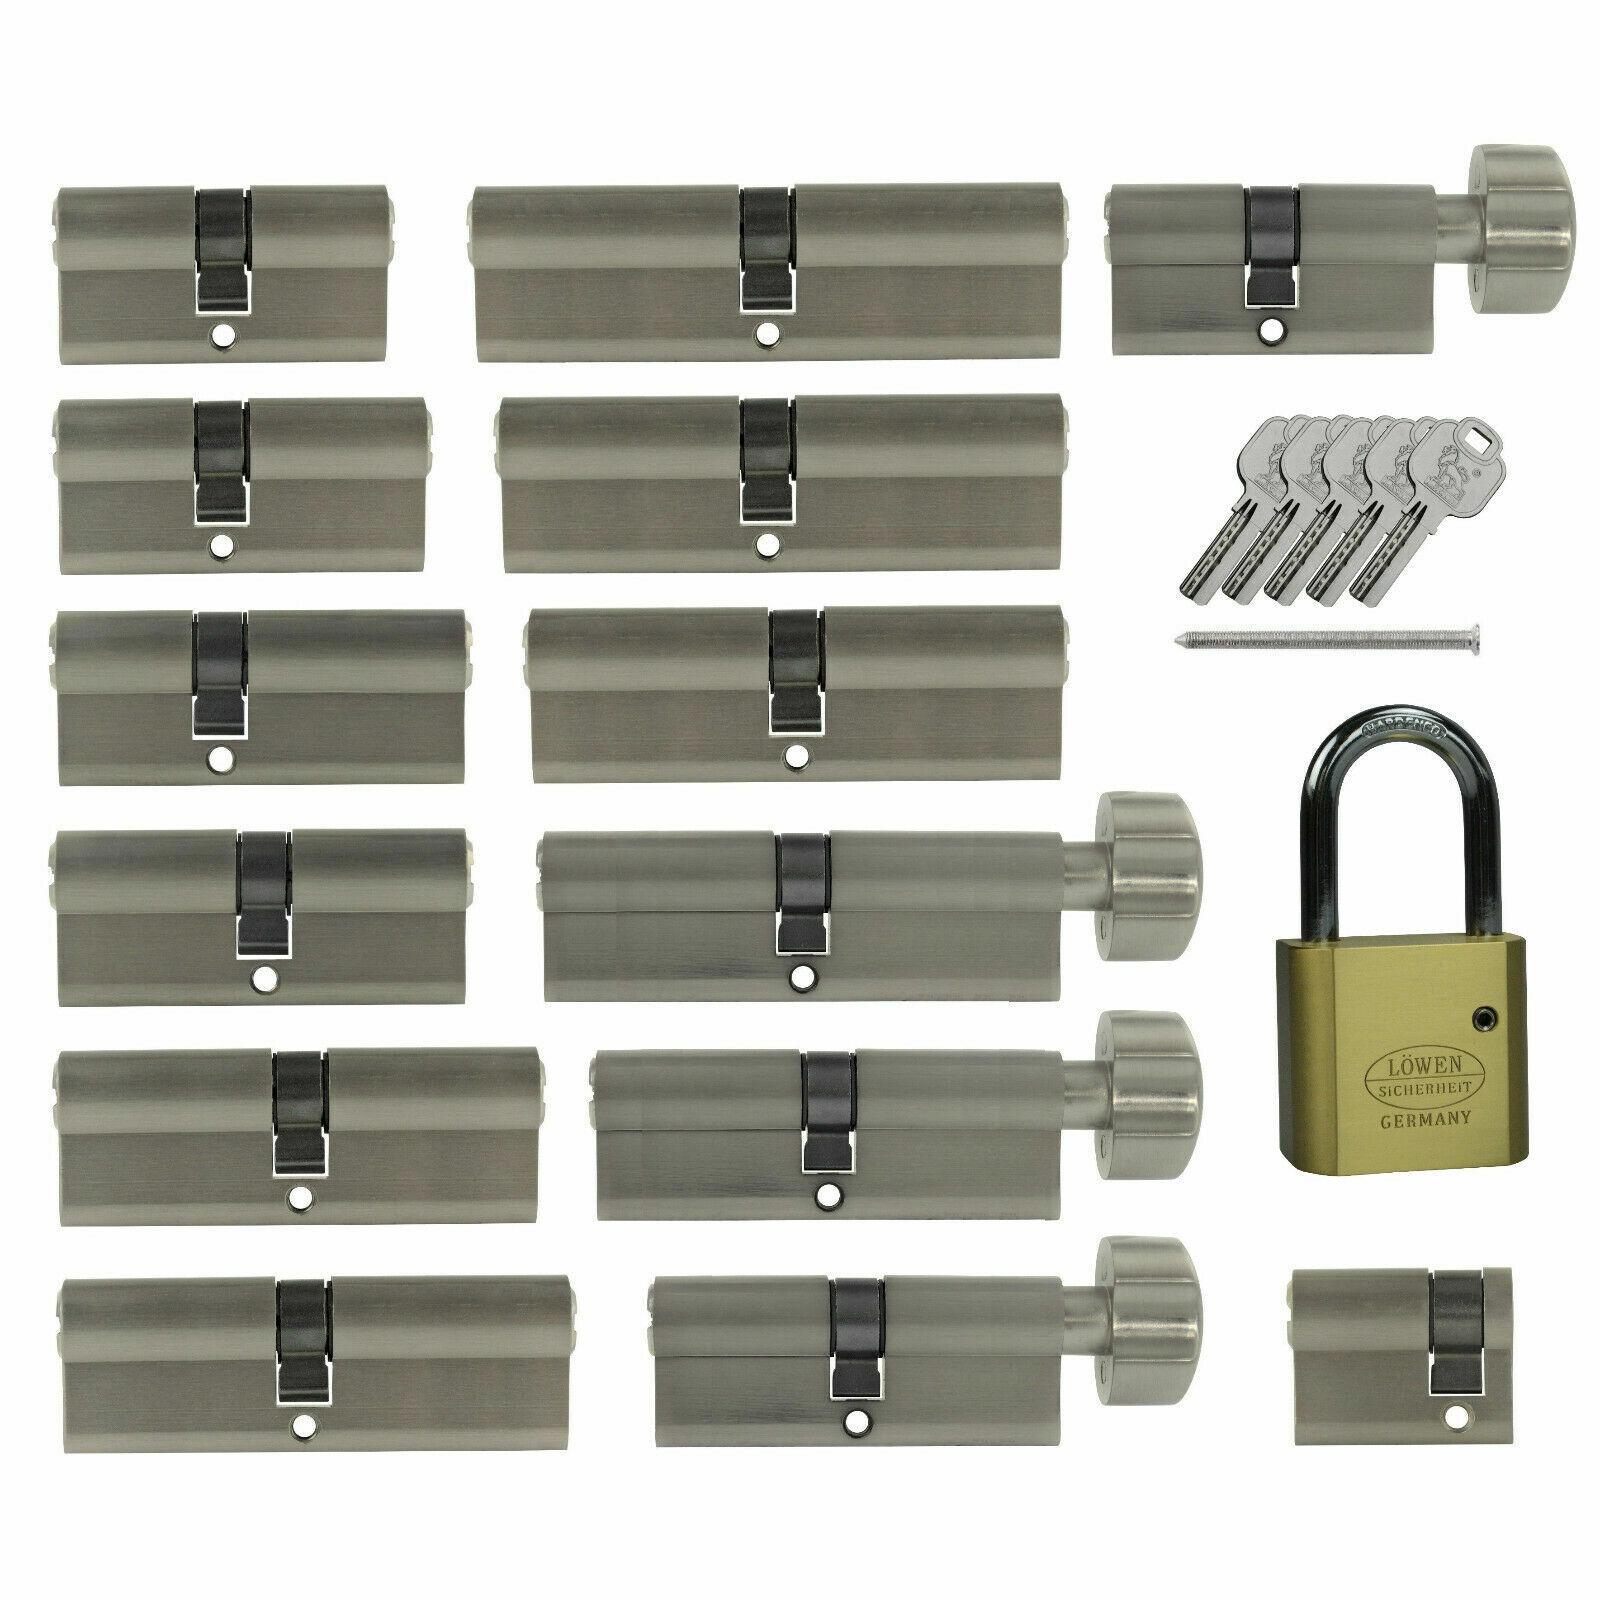 1-10x knaufzylinder 60mm 30//30 puerta cerradura de cilindro gleichschliessend